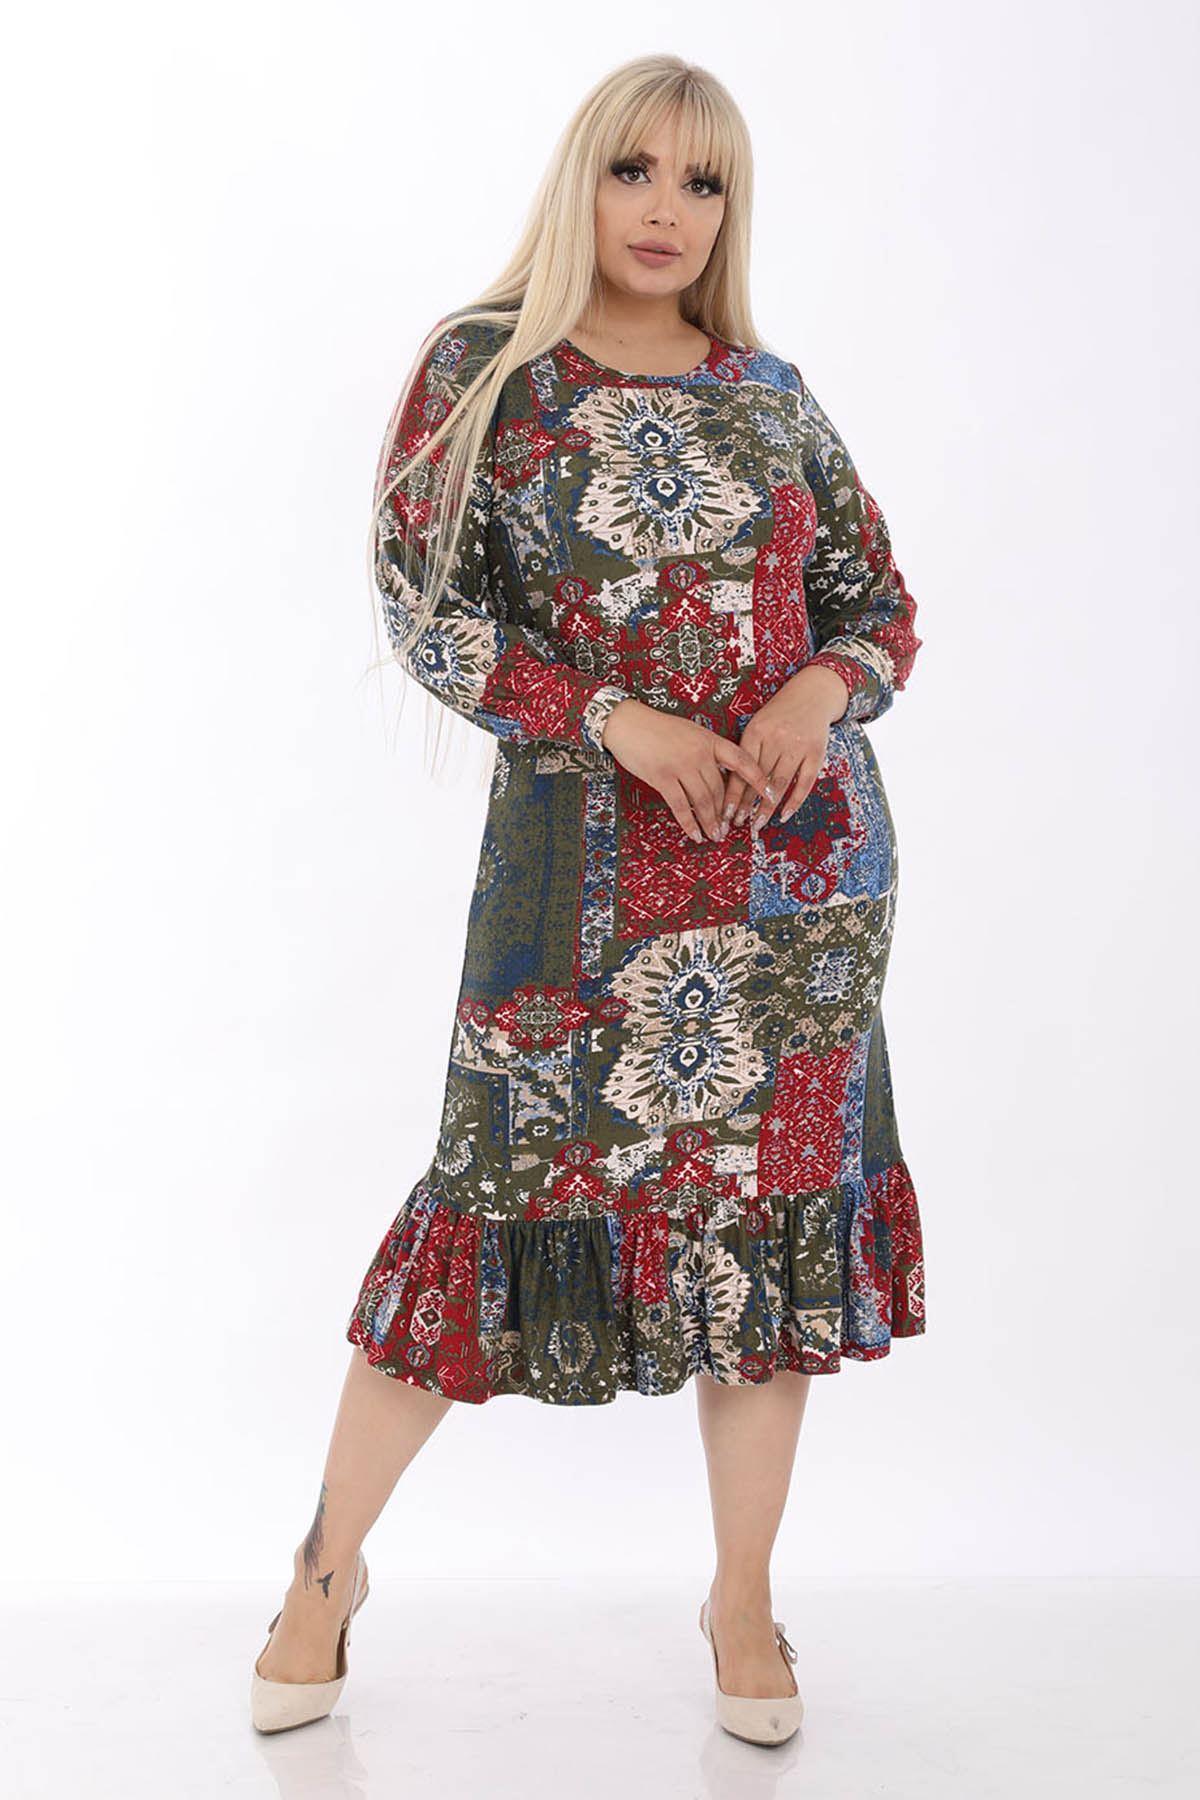 Manşet Kol Etnik Büyük Beden Elbise 33D-1312